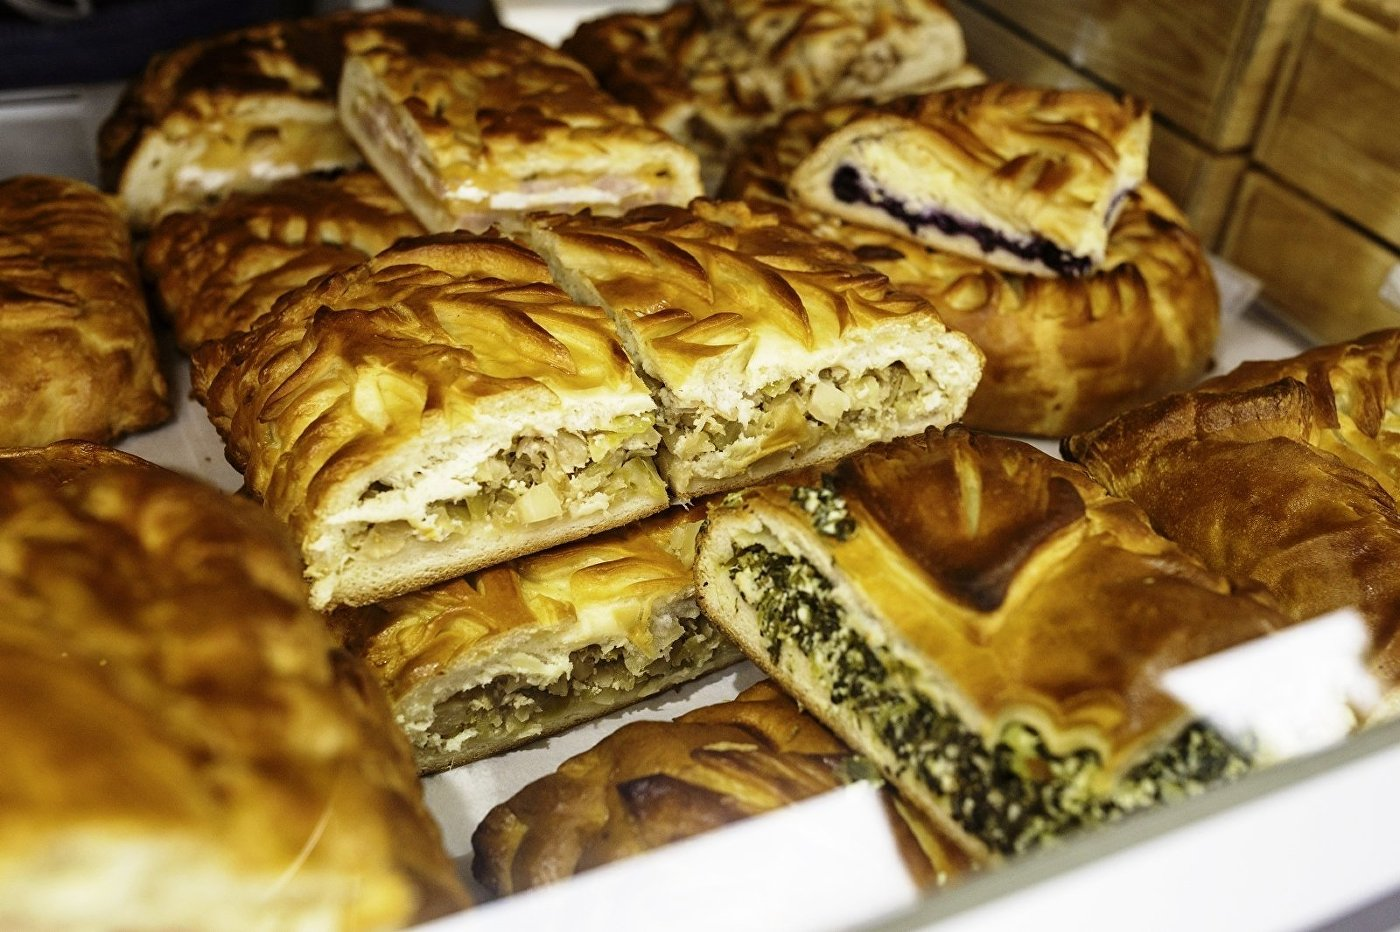 在食品节上俄罗斯传统的馅饼最受欢迎